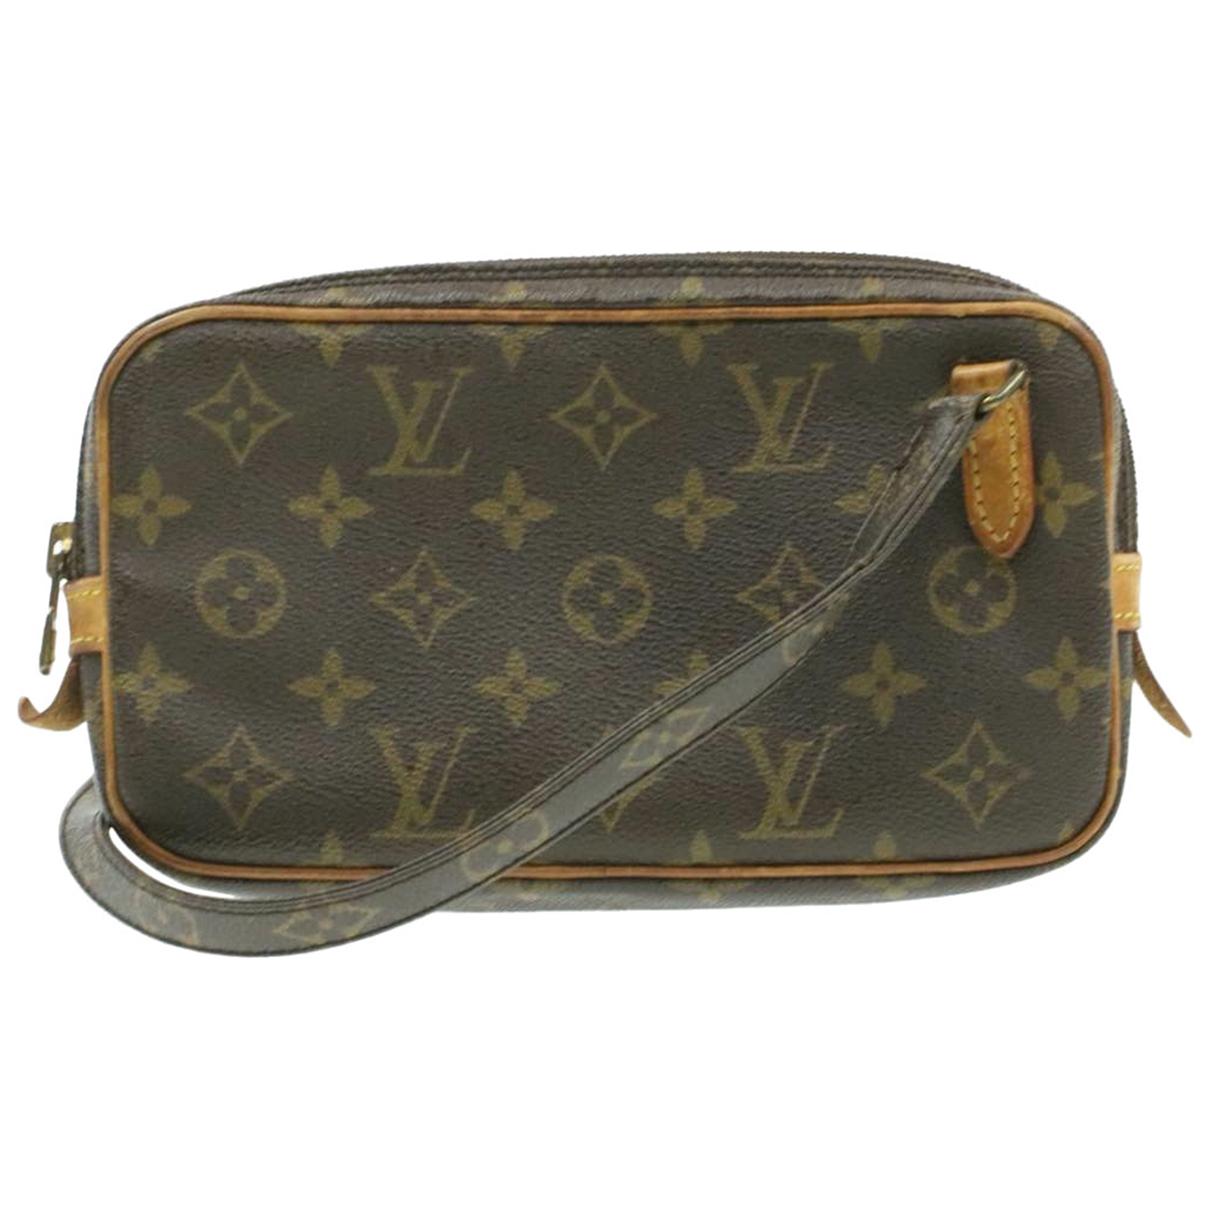 Louis Vuitton Marly Brown Cloth handbag for Women N